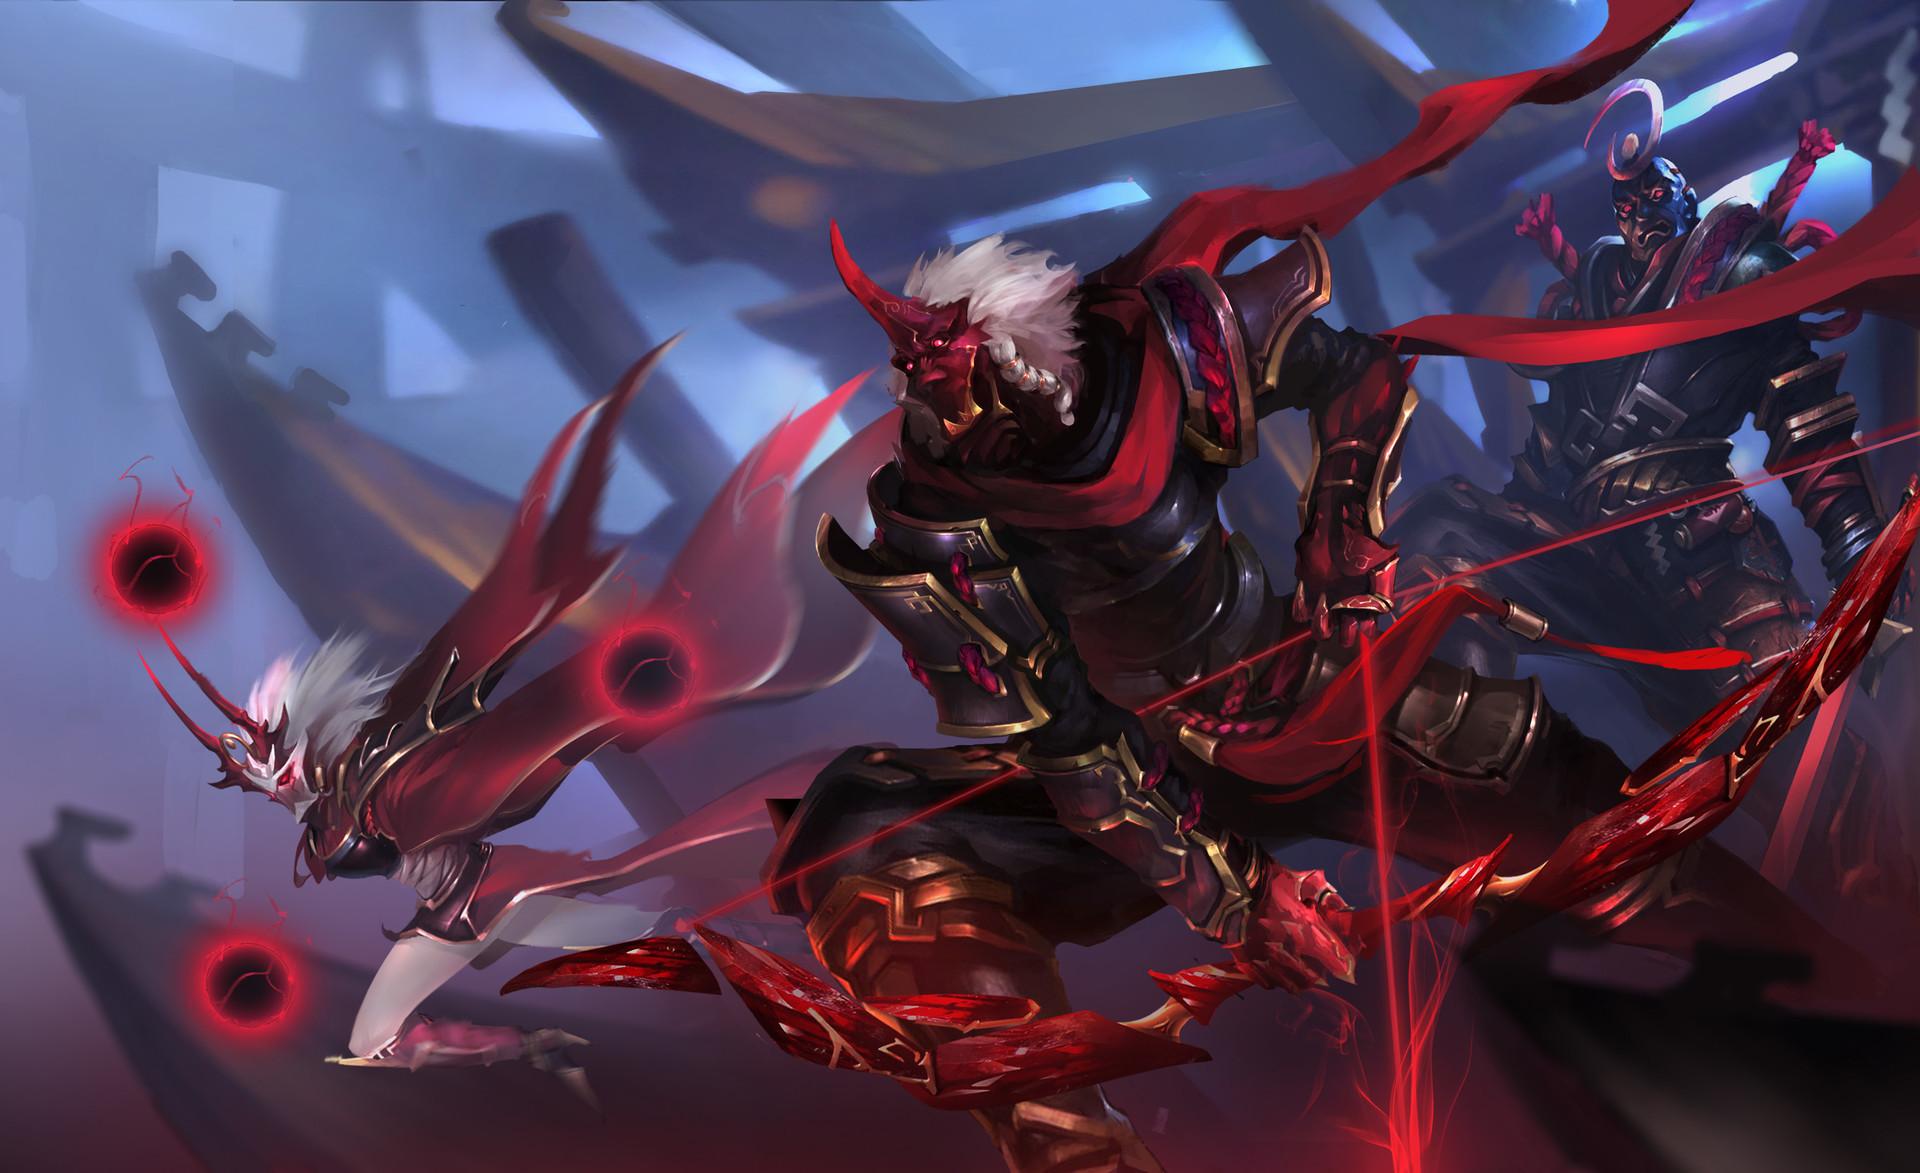 Zed Lol Shen Fan Art 1260538 Hd Wallpaper